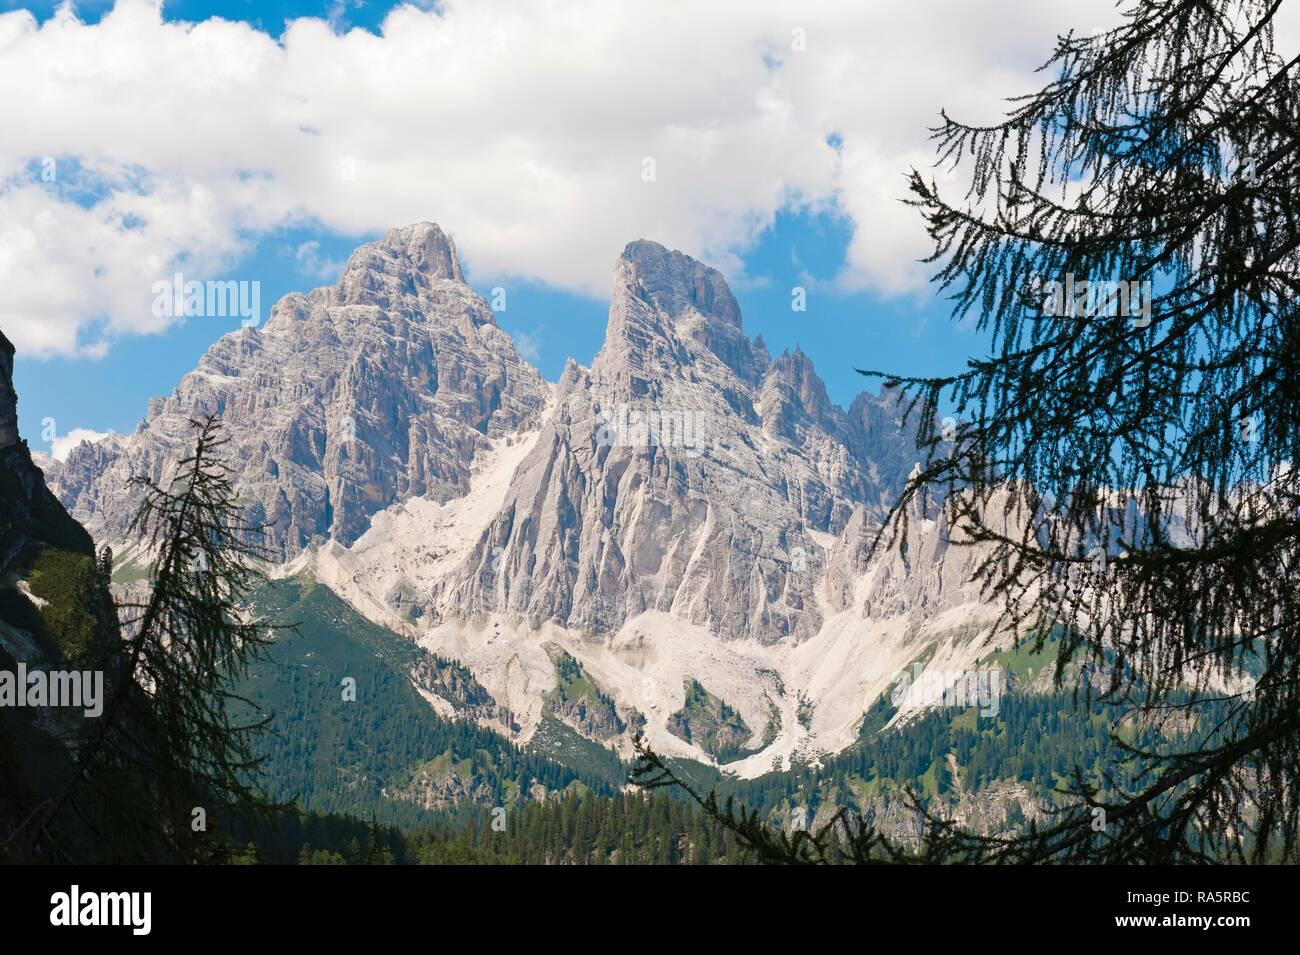 Monte Cristallo, 3221 m, near Cortina d'Ampezzo, Dolomites, Belluno, Veneto, Italy - Stock Image